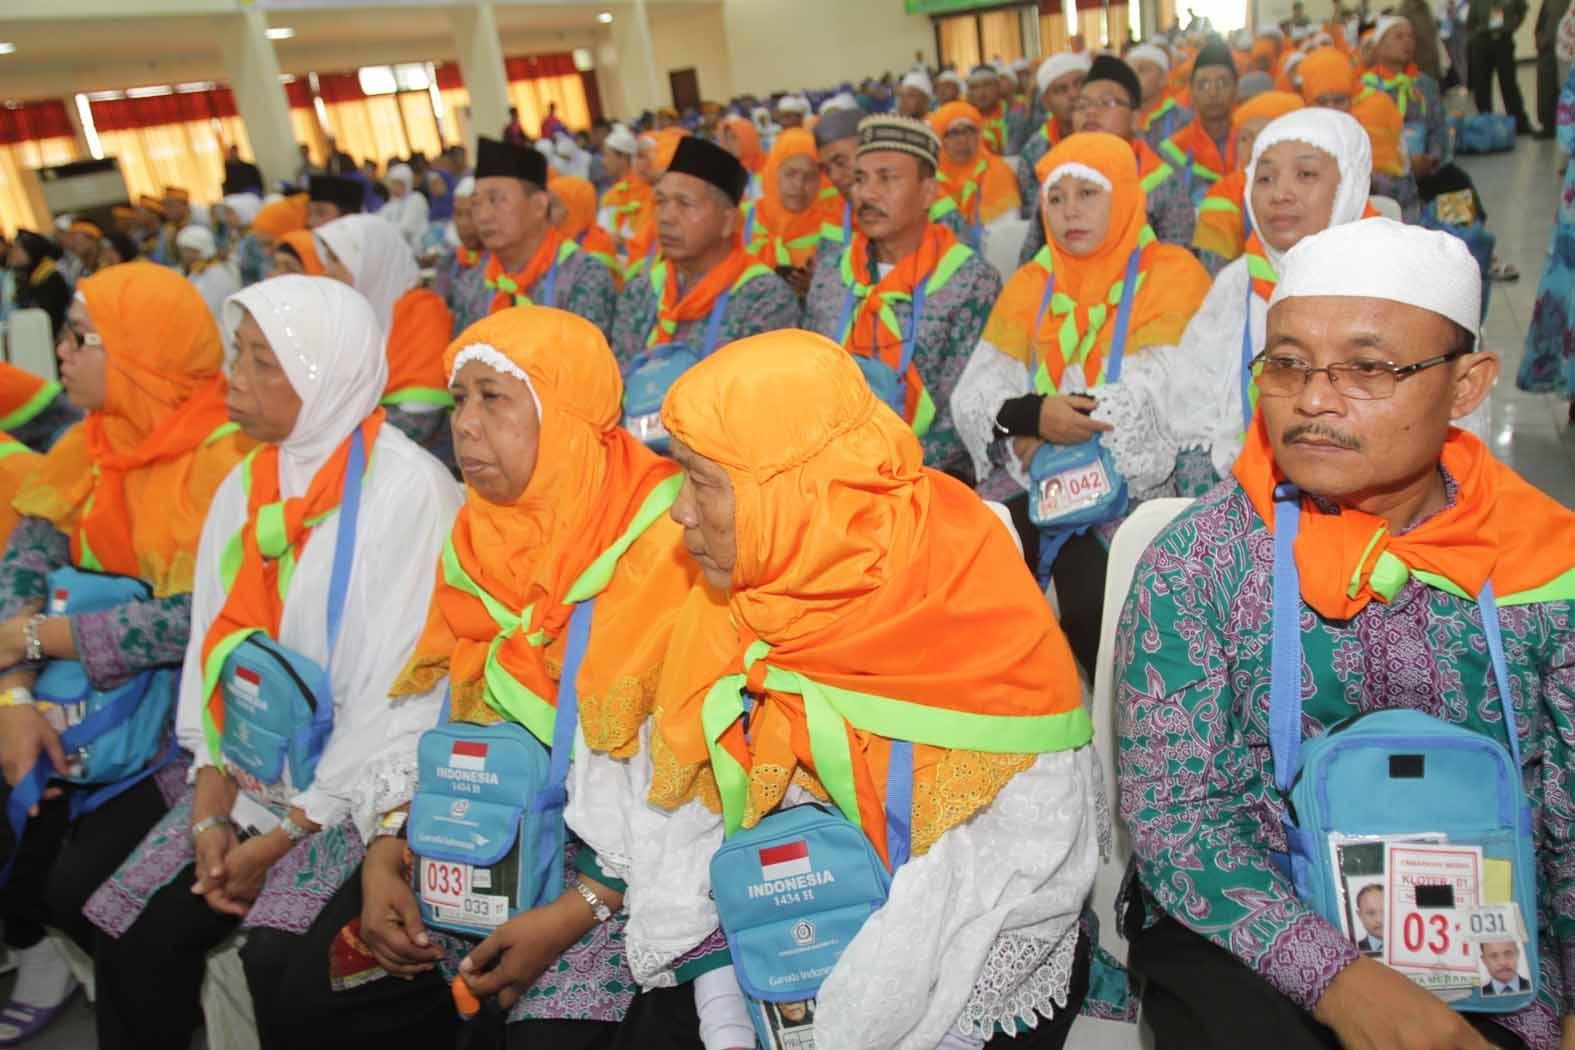 Keppres BPIH Terbit, Ini Biaya Haji Per Embarkasi